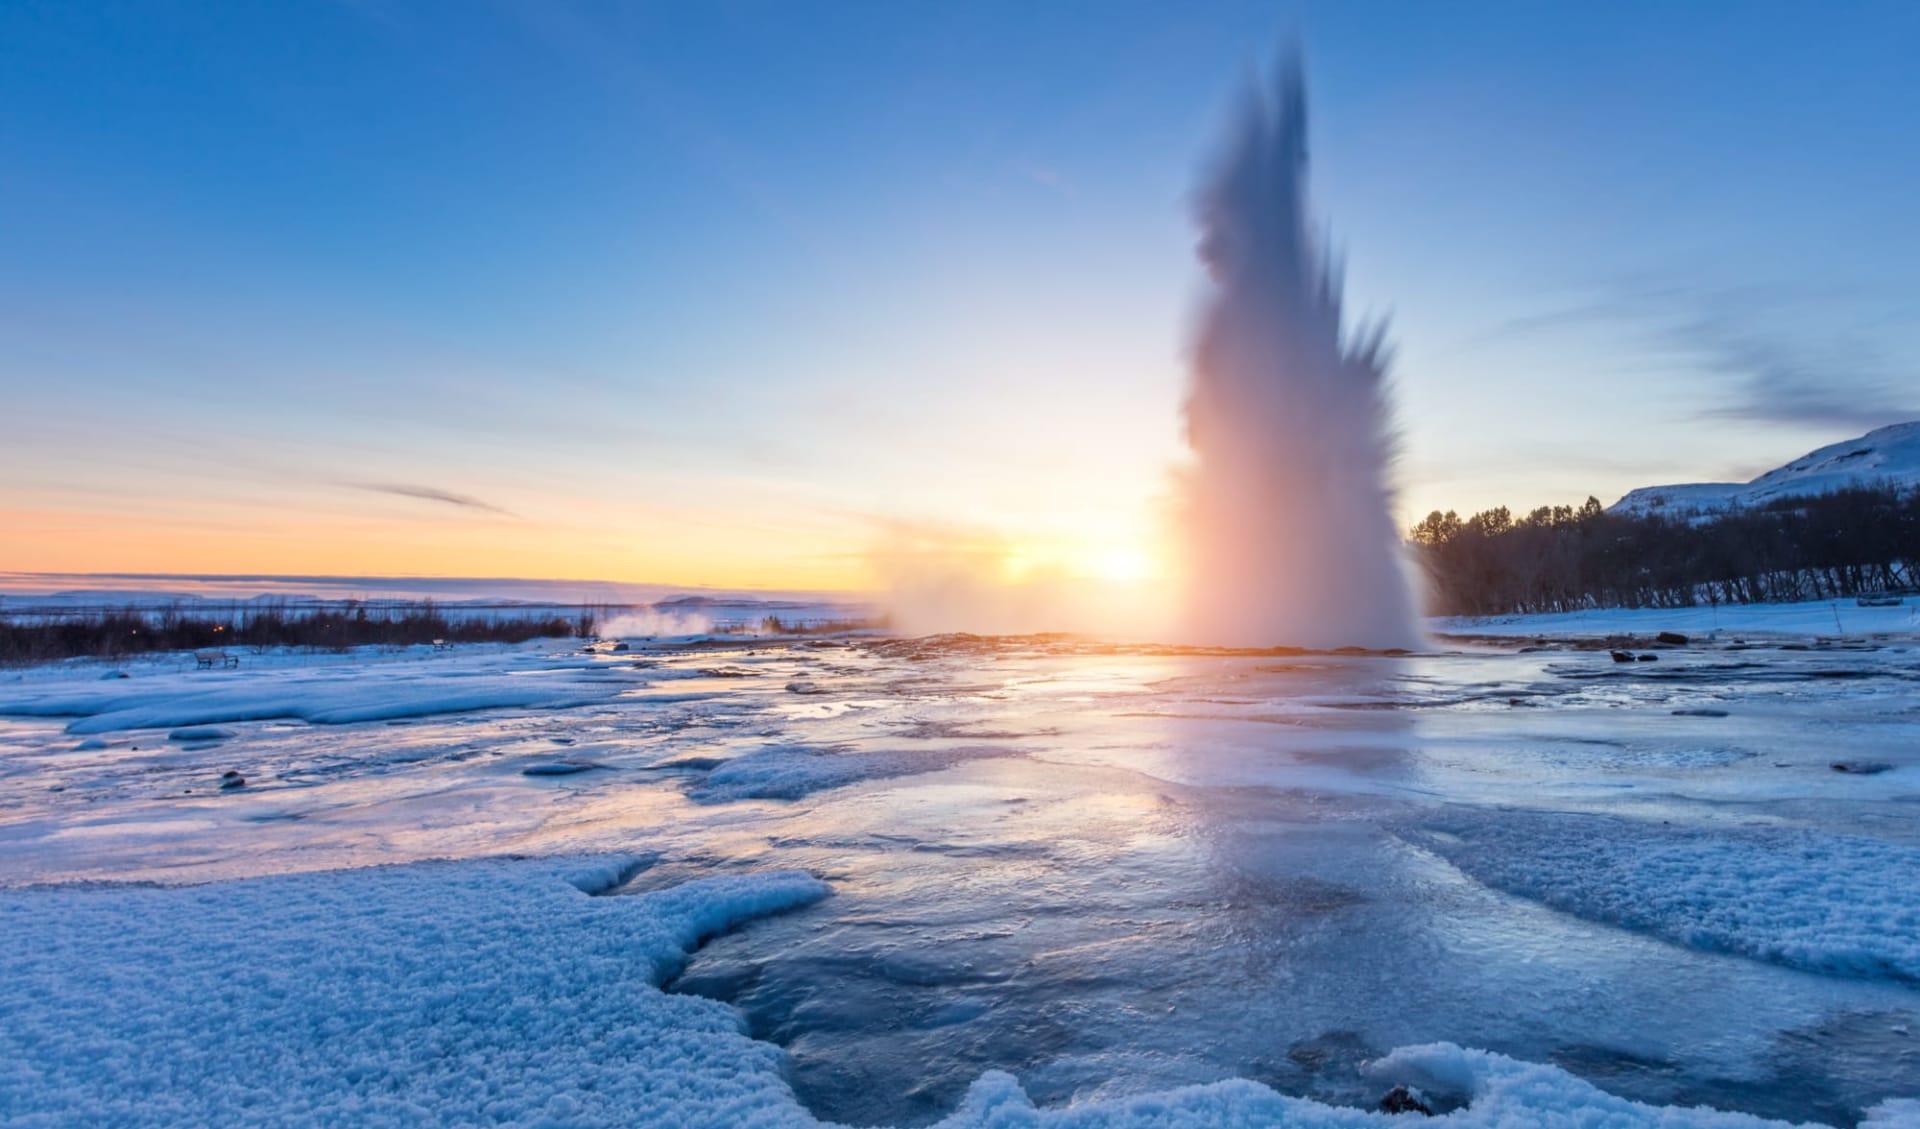 Silvester auf Island - Die Insel aus Feuer und Eis ab Reykjavik: island_winter3